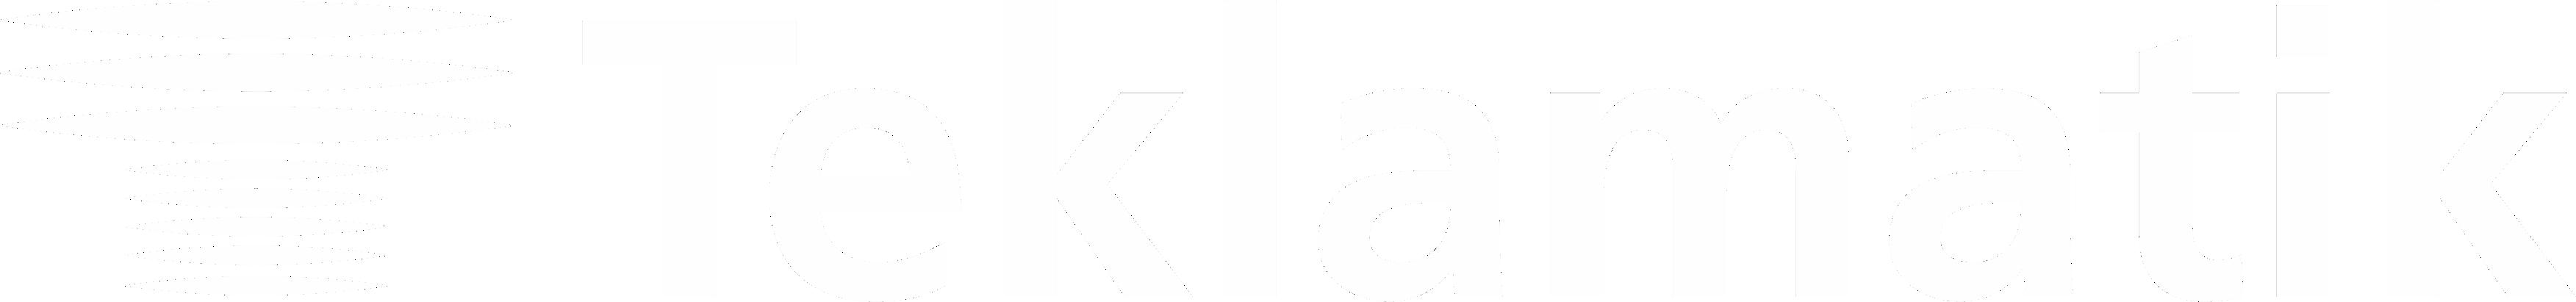 logo_alta_Teklamatik04-fundo-transparente-branco